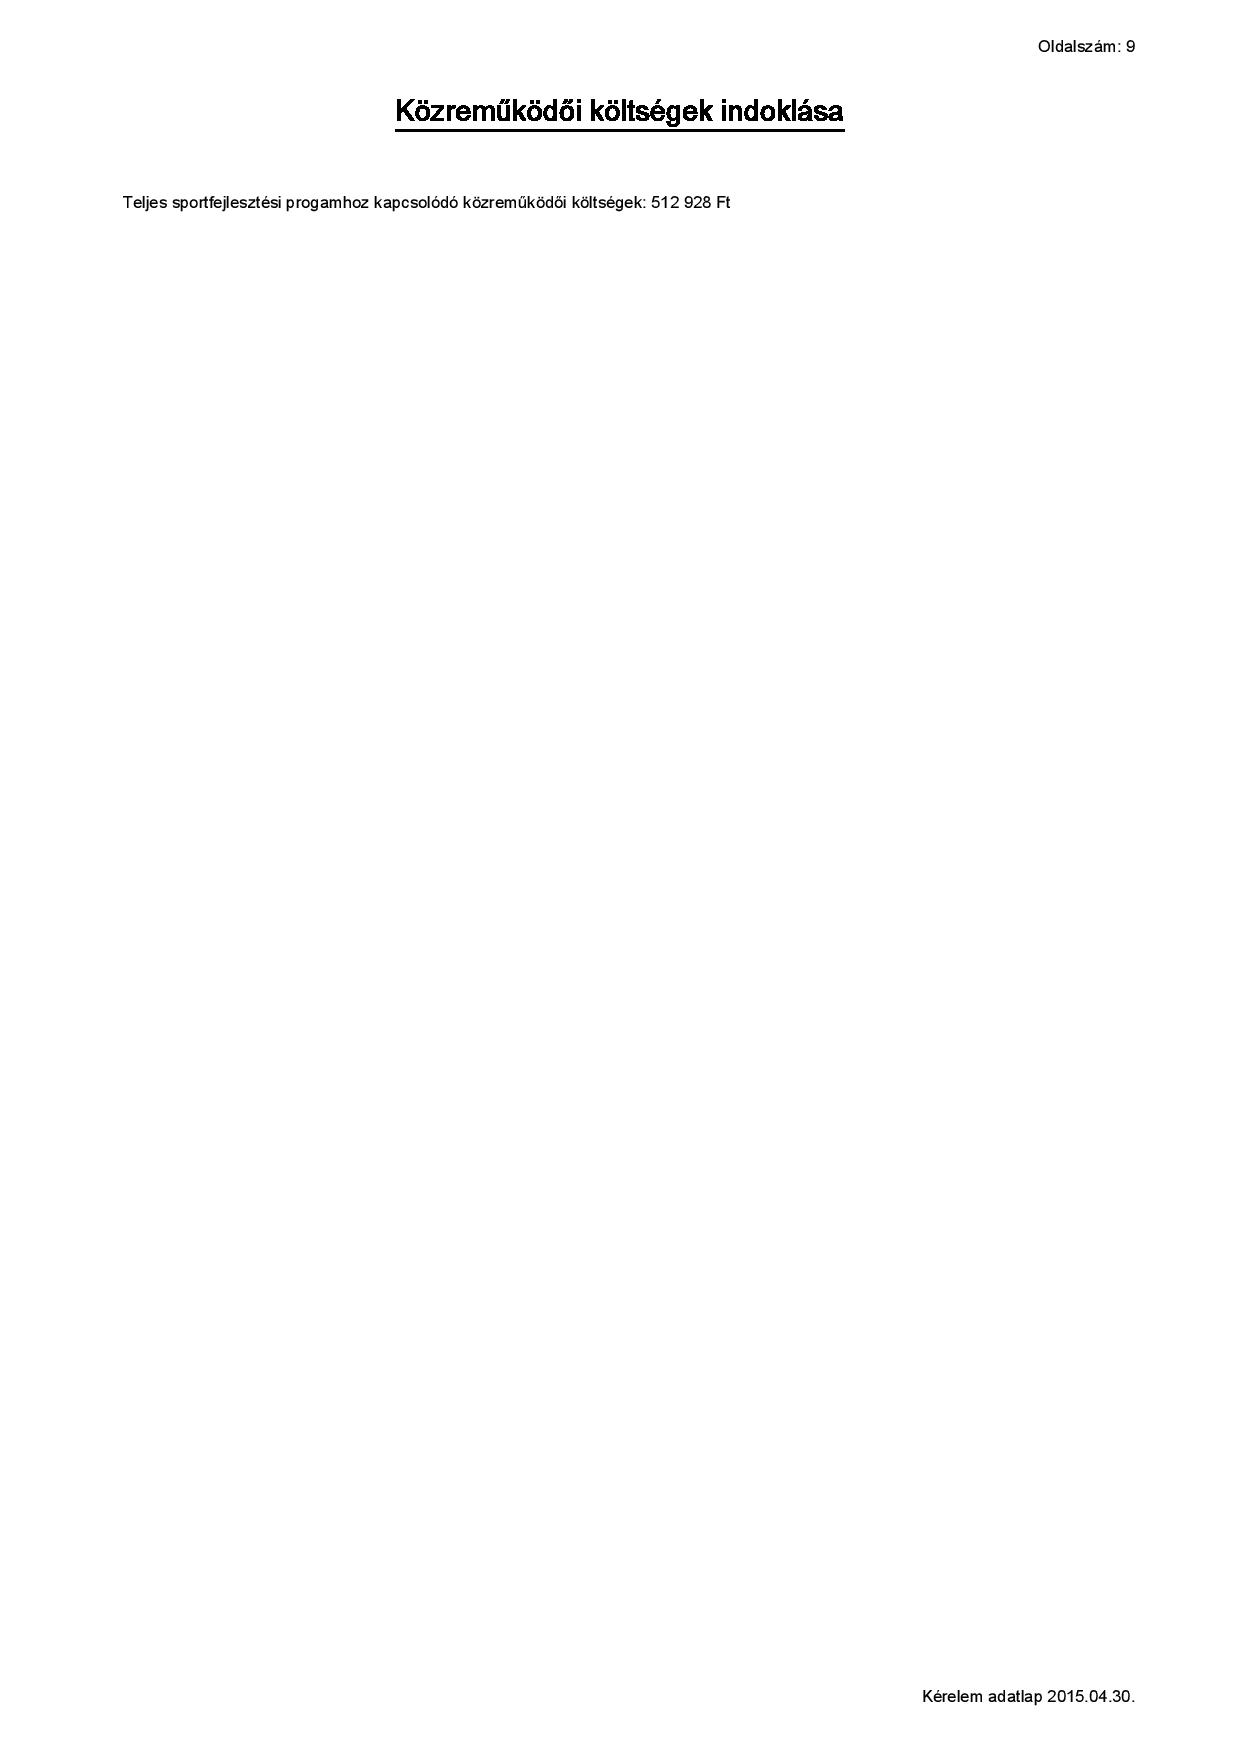 kerelem_djk_2015_2016 ke06328_836_hitelesitett djk dunaújvárosi jégkorong kft 20150430-page-009